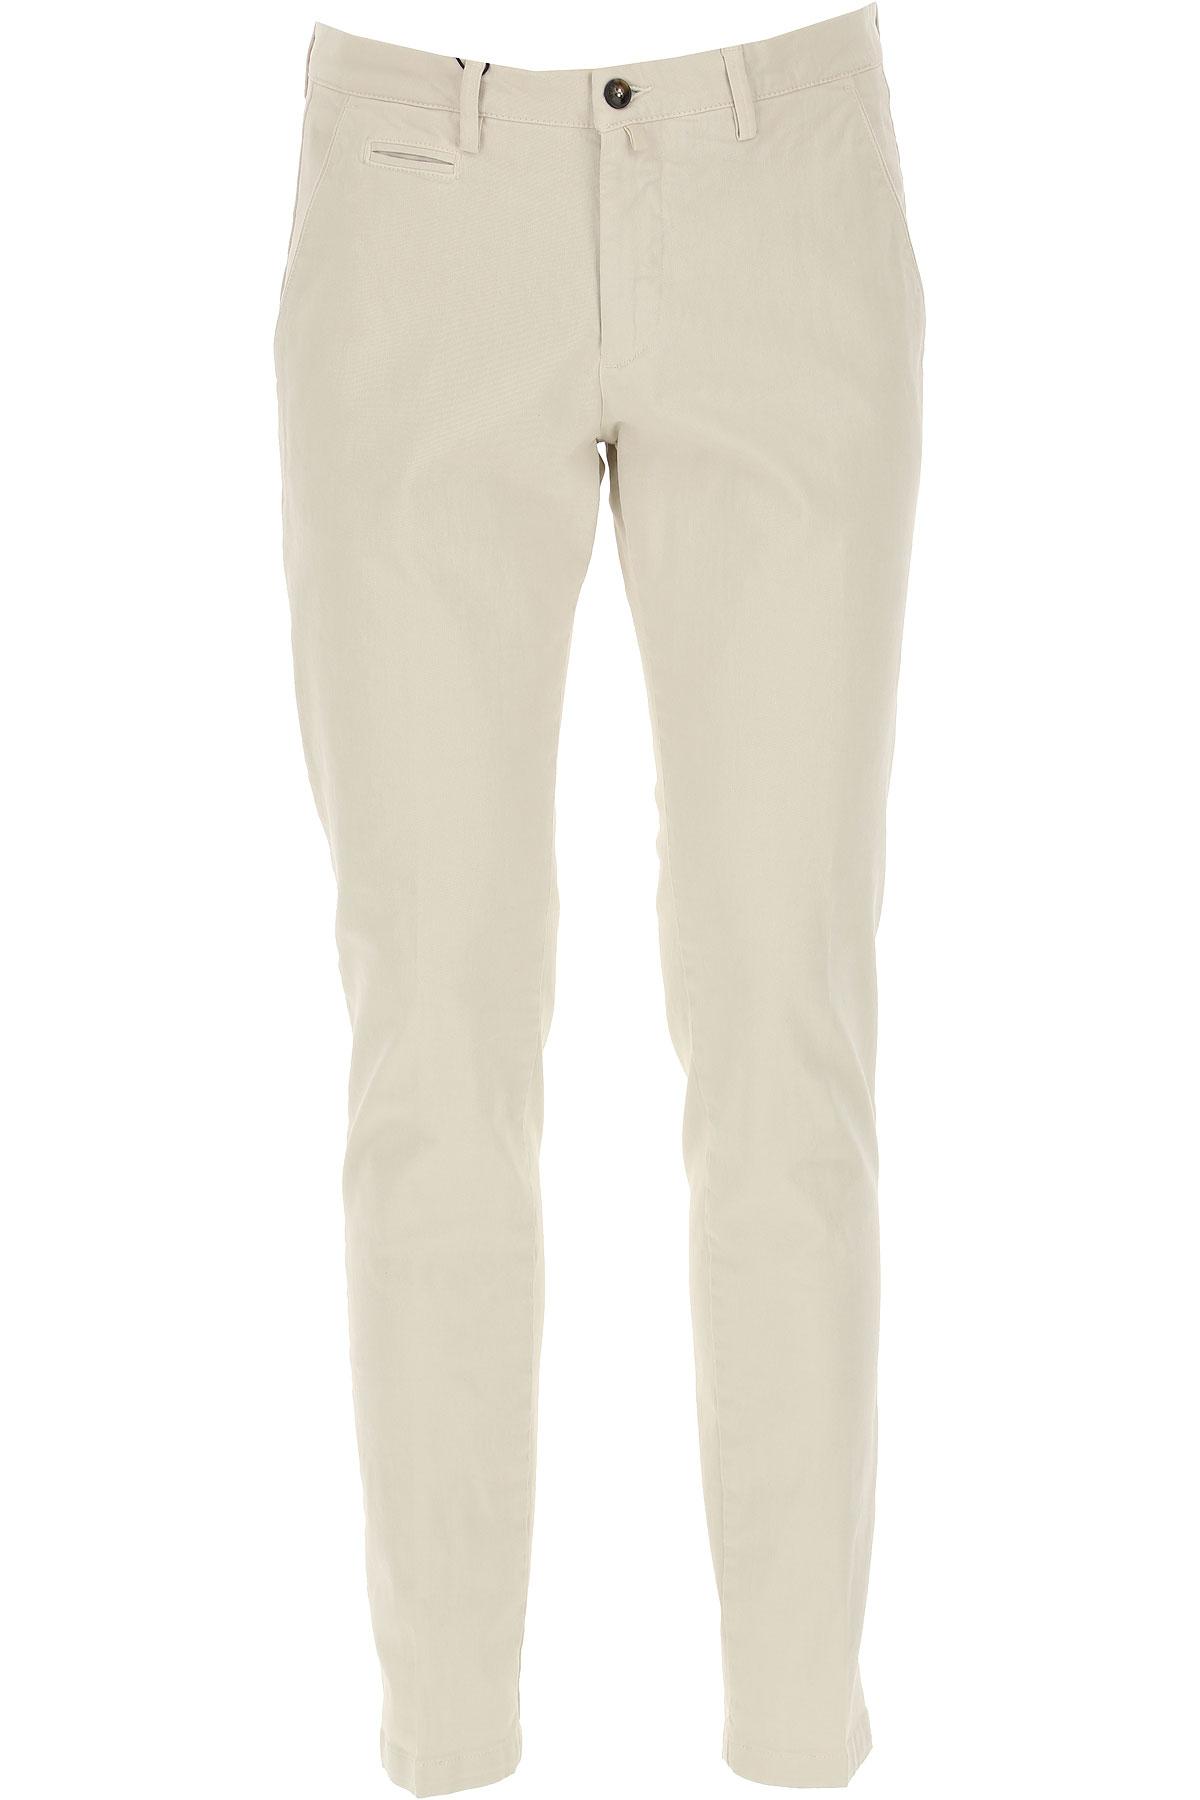 Briglia Pants for Men On Sale, Cream, Cotton, 2019, 32 34